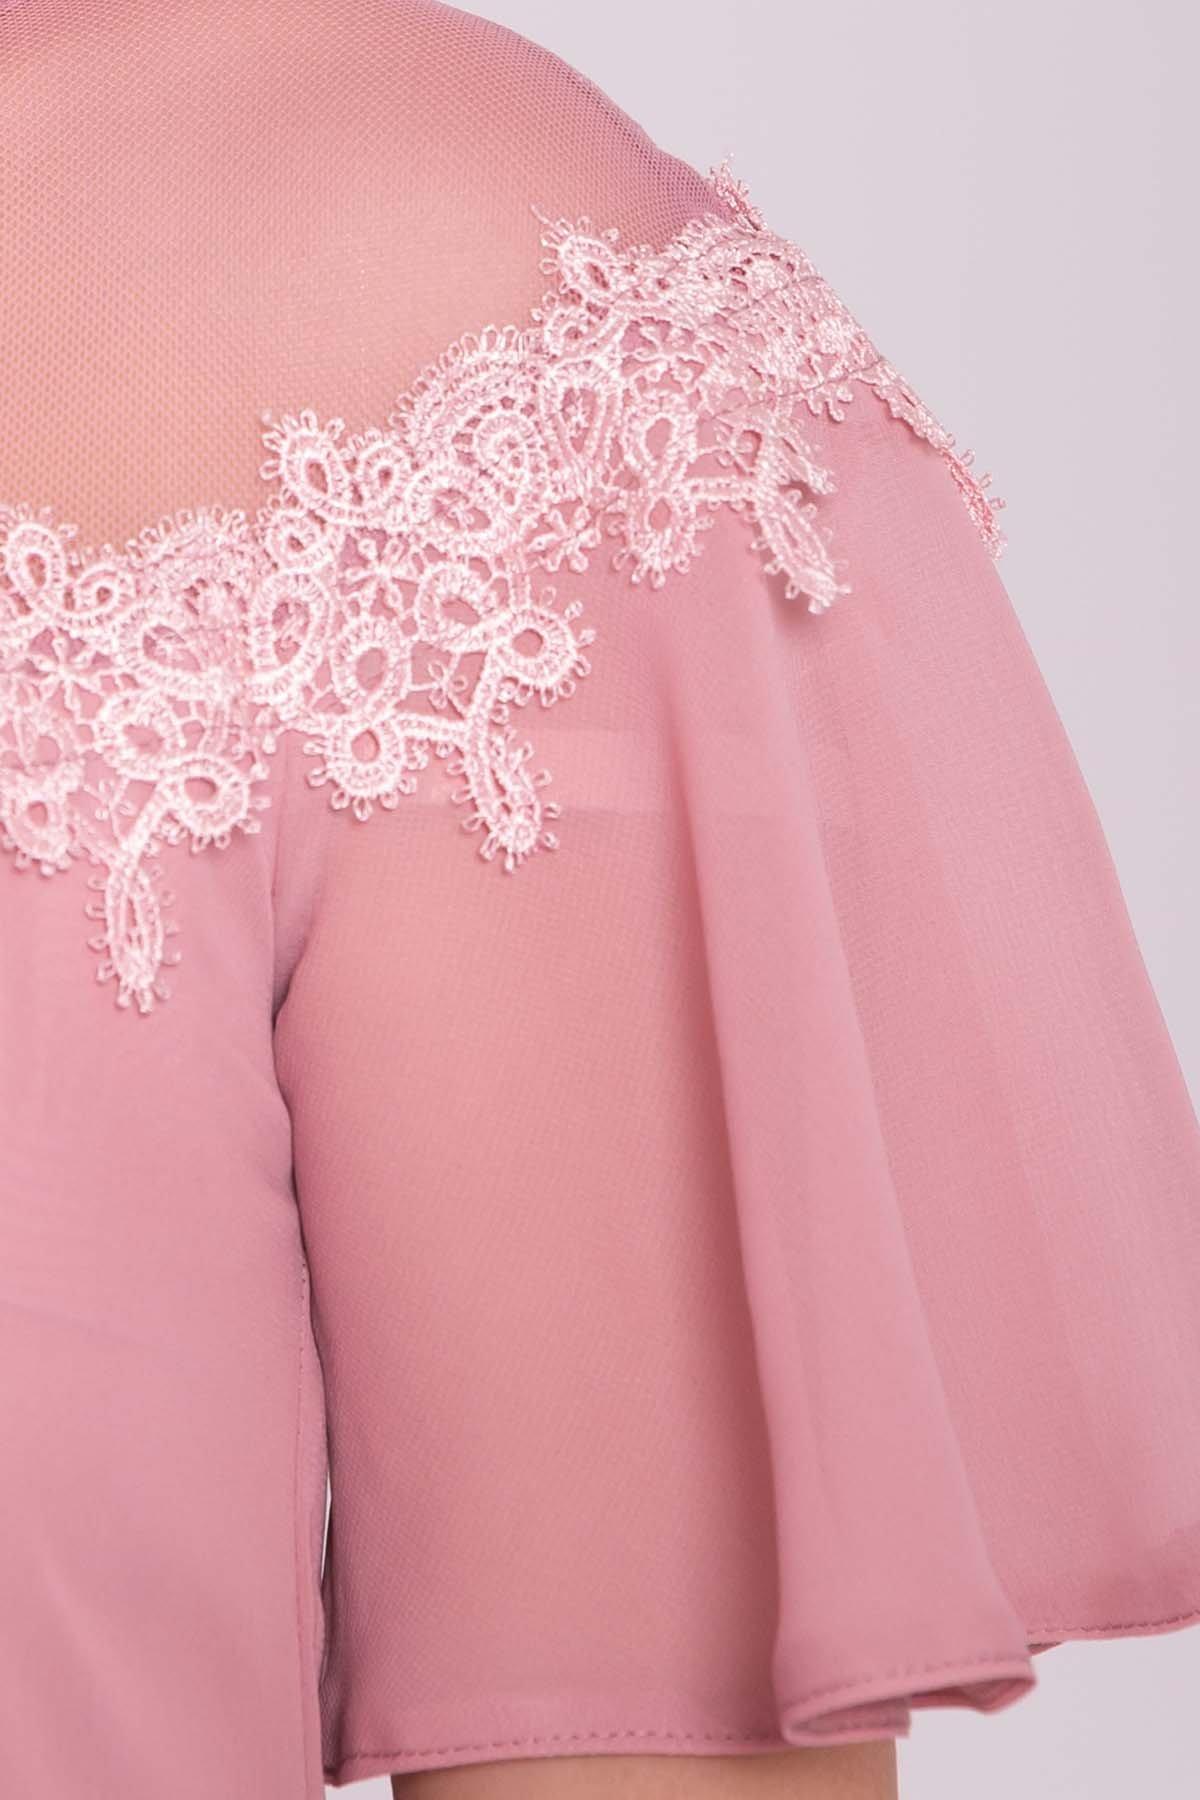 Платье Эри 7255 АРТ. 42807 Цвет: Пудра Темная - фото 4, интернет магазин tm-modus.ru